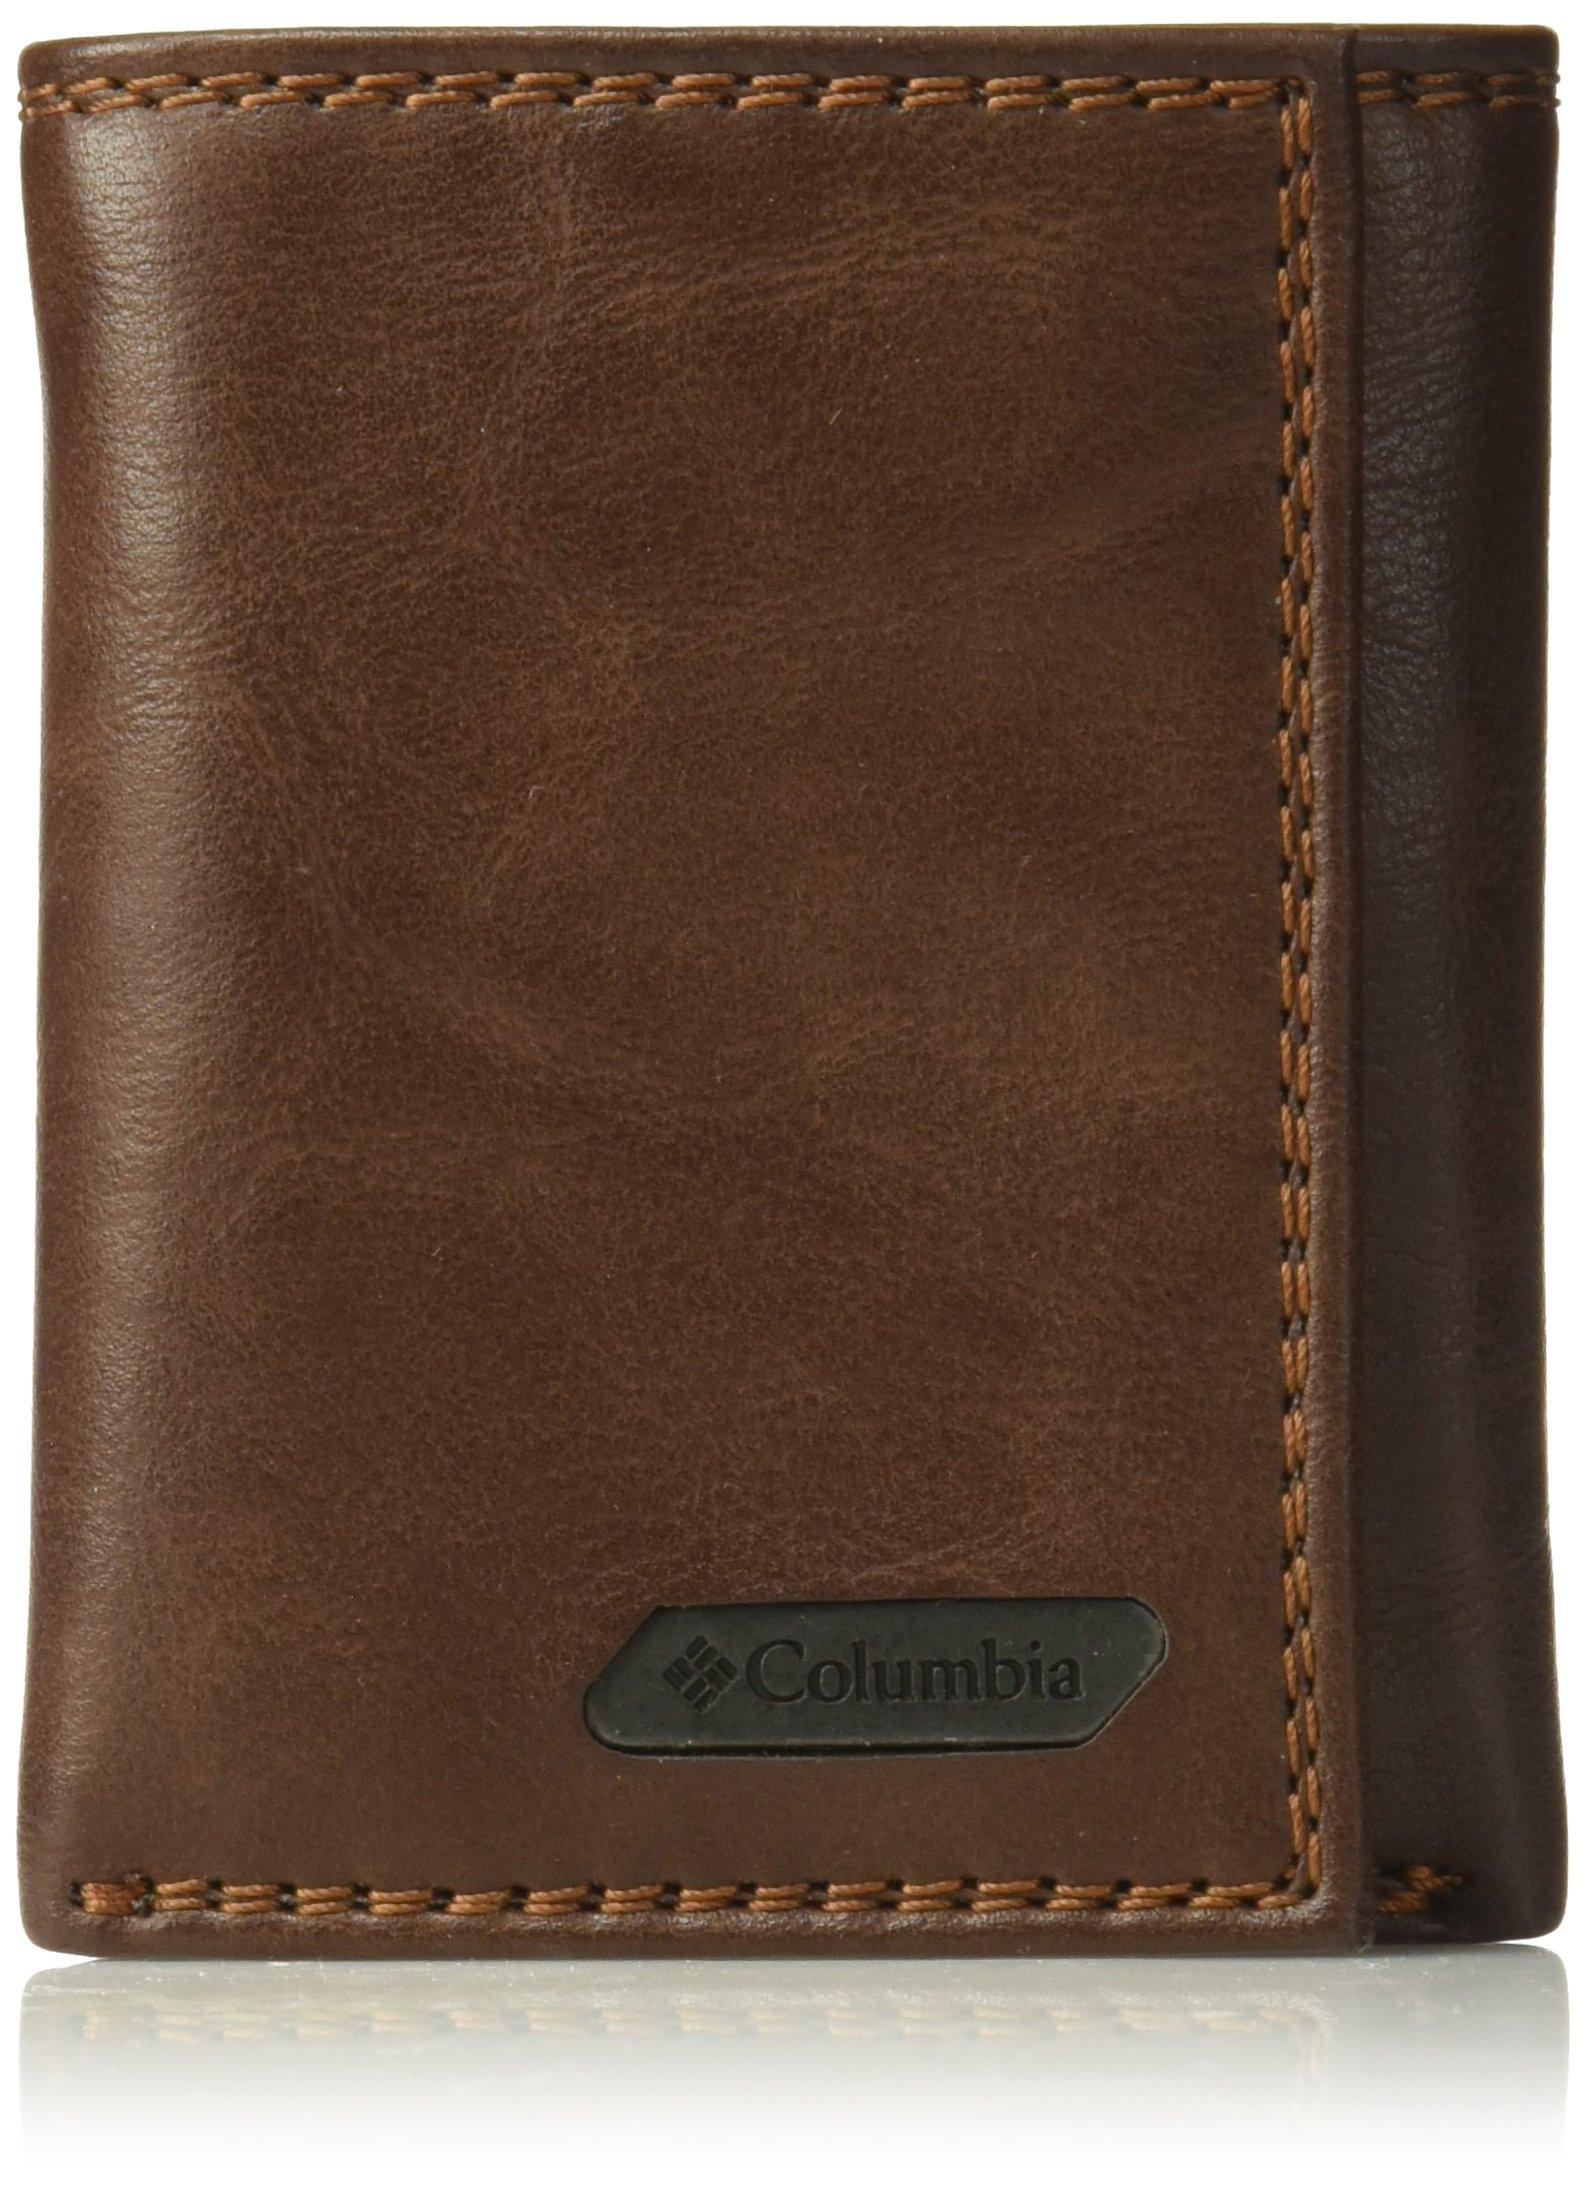 Columbia Blocking CapacityTrifold Wallet brown